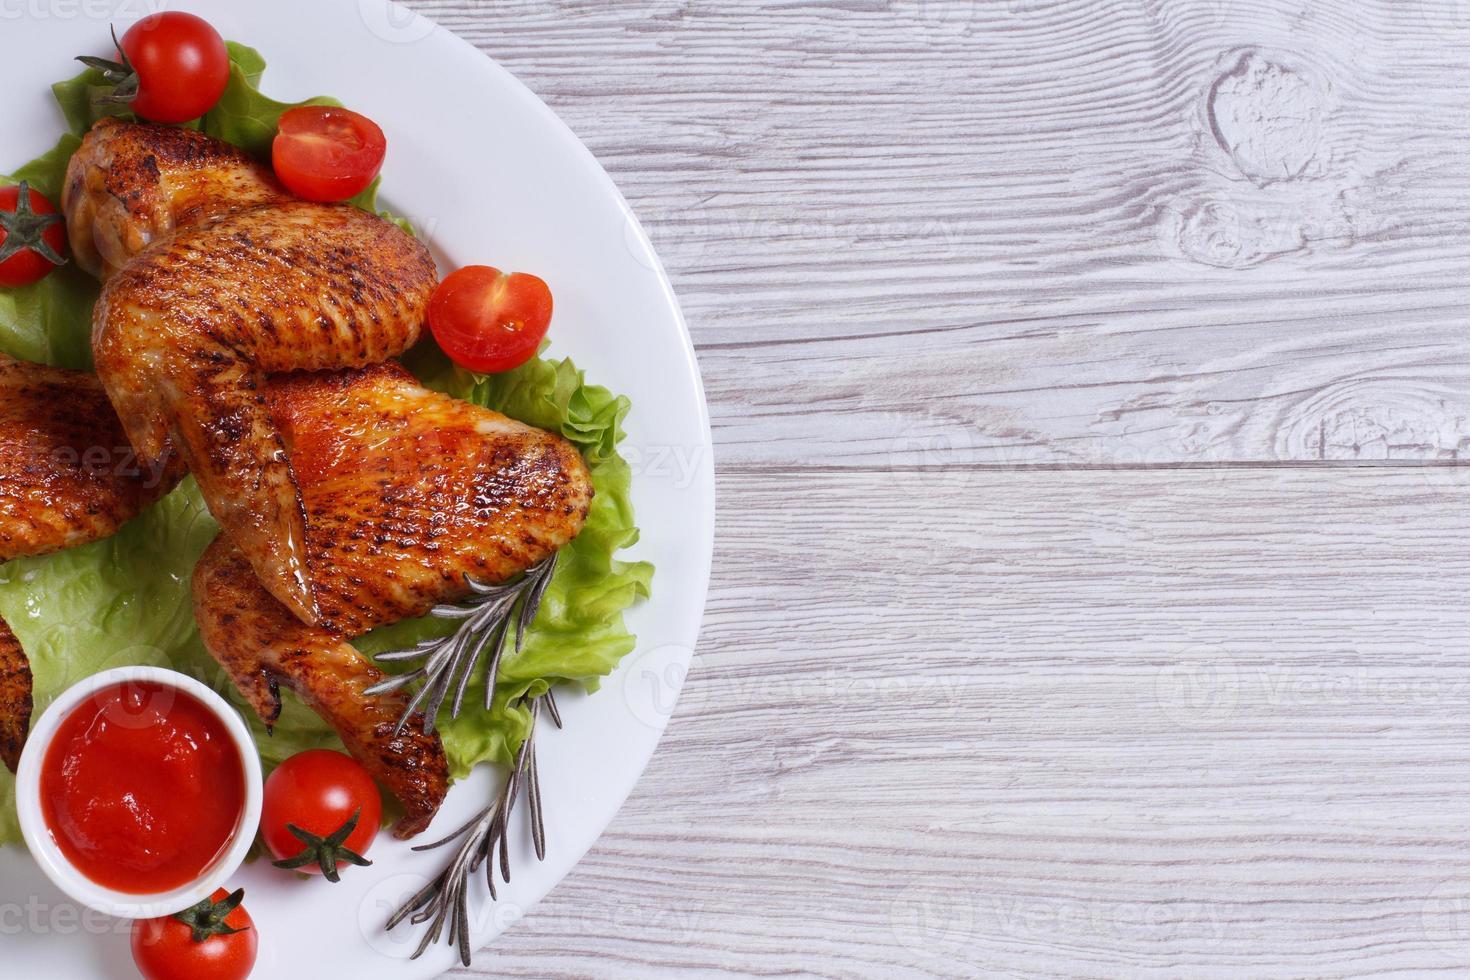 Ailes de poulet frit avec sauce et légumes vue de dessus photo